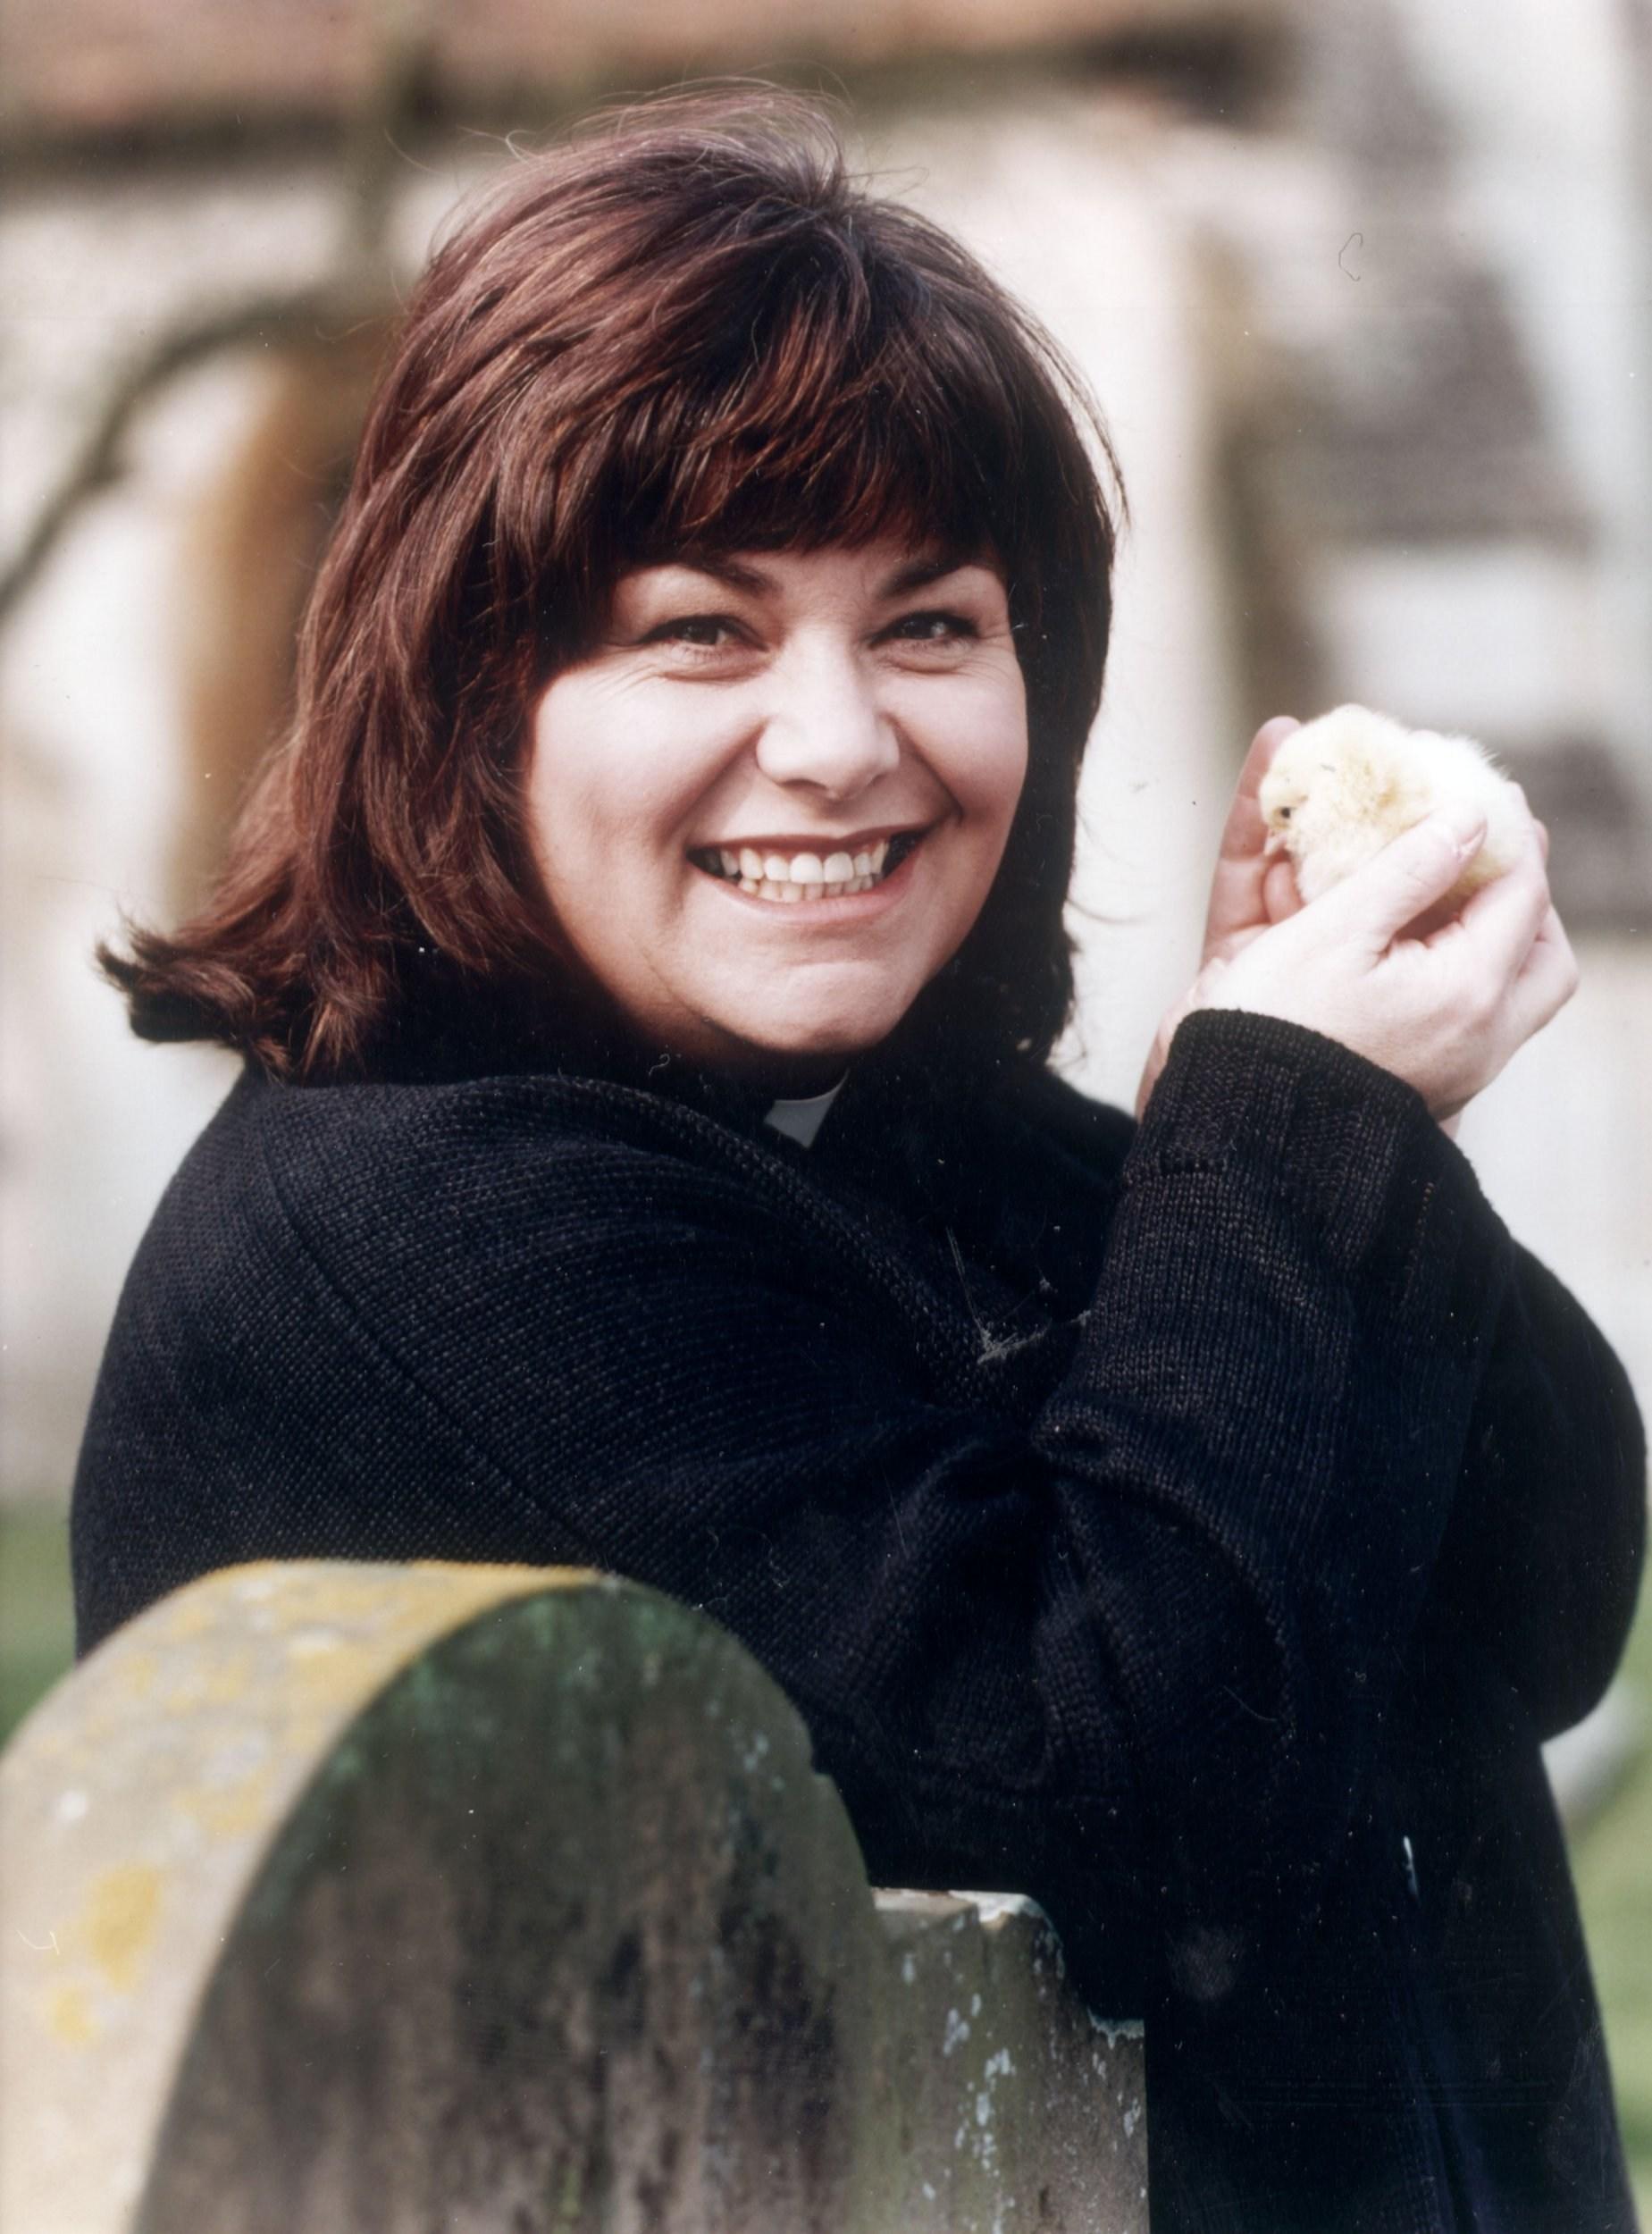 Vicar Of Dibley's first look sees Dawn French return as Geraldine in coronavirus lockdown